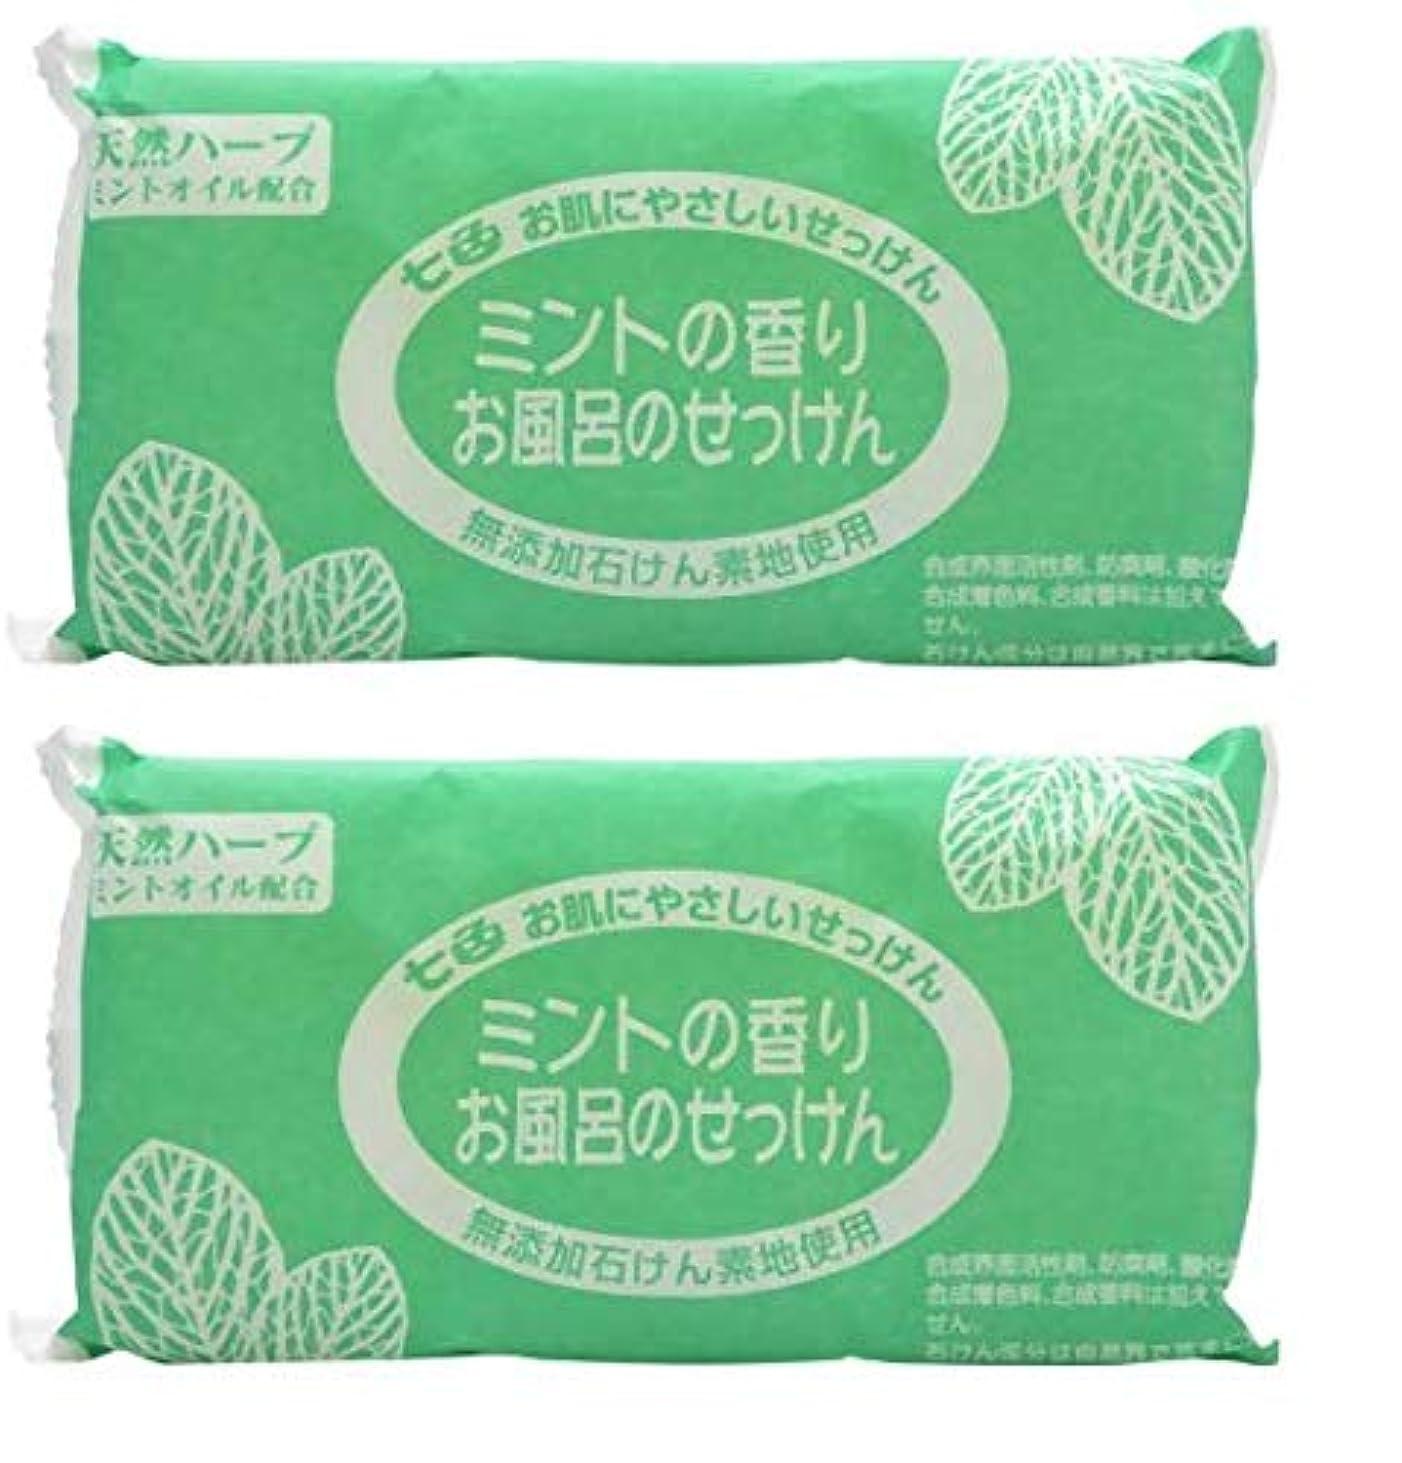 組み合わせ疲労磁気七色 お風呂のせっけん ミントの香り(無添加石鹸) 100g×6個入